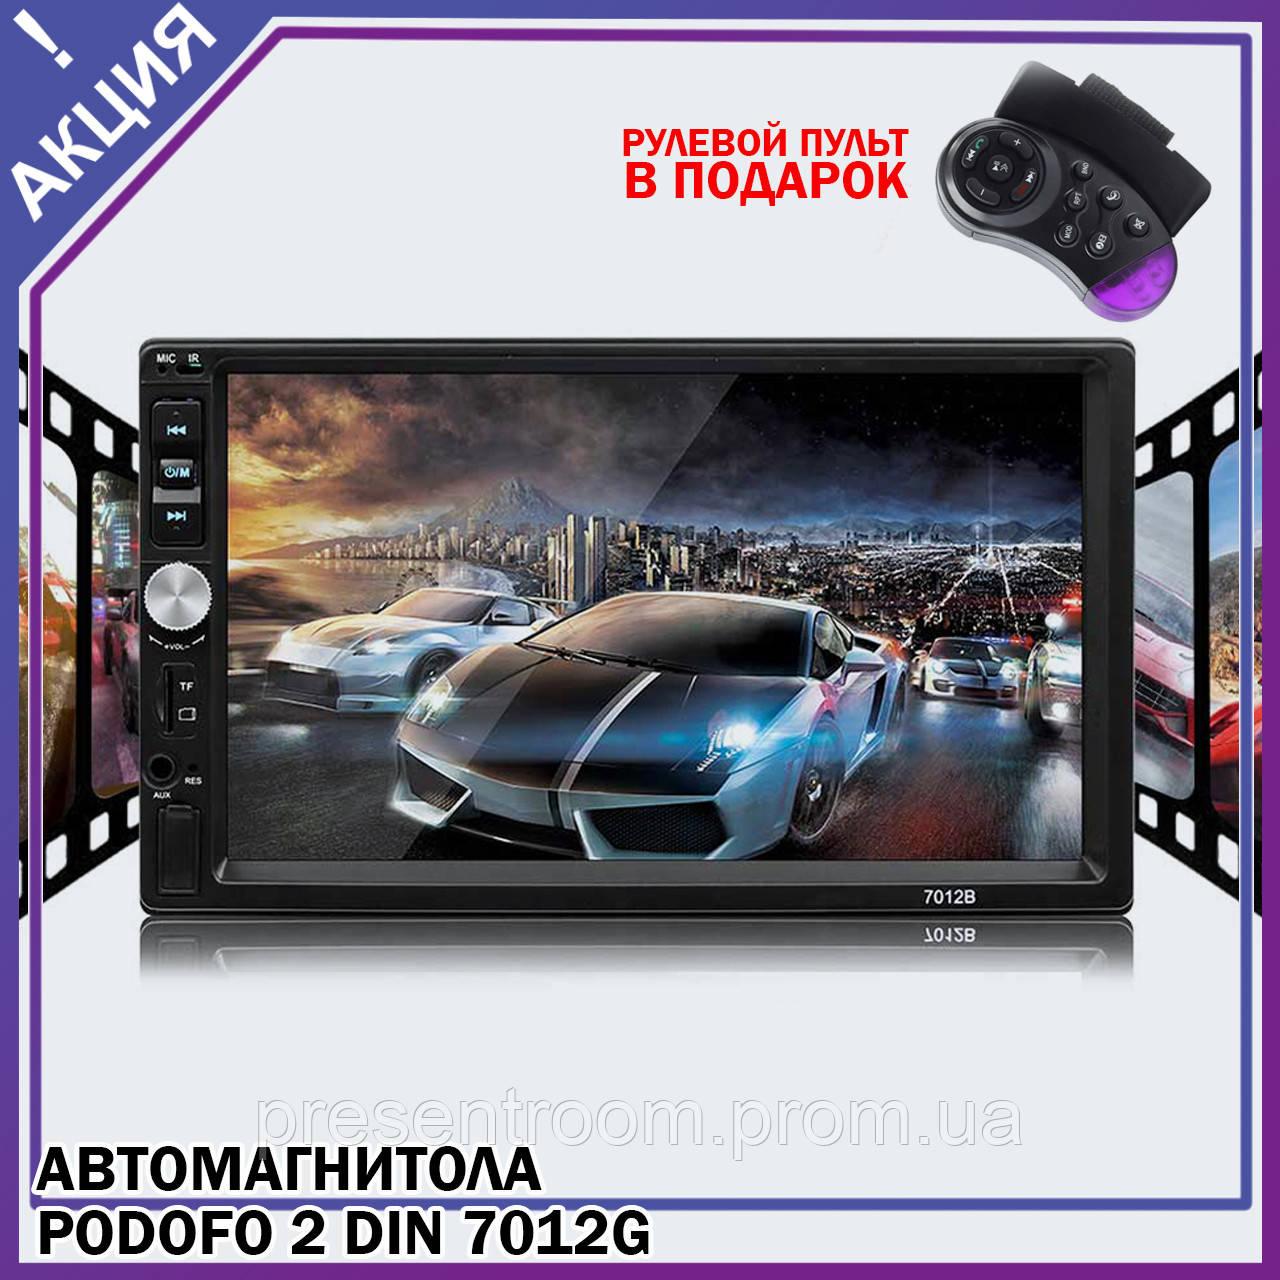 """Автомагнитола Podofo 2 din 7012B мультимедийный плеер 7 """"HD сенсорный экран, AV-In, стерео 5MP Bluetooth"""